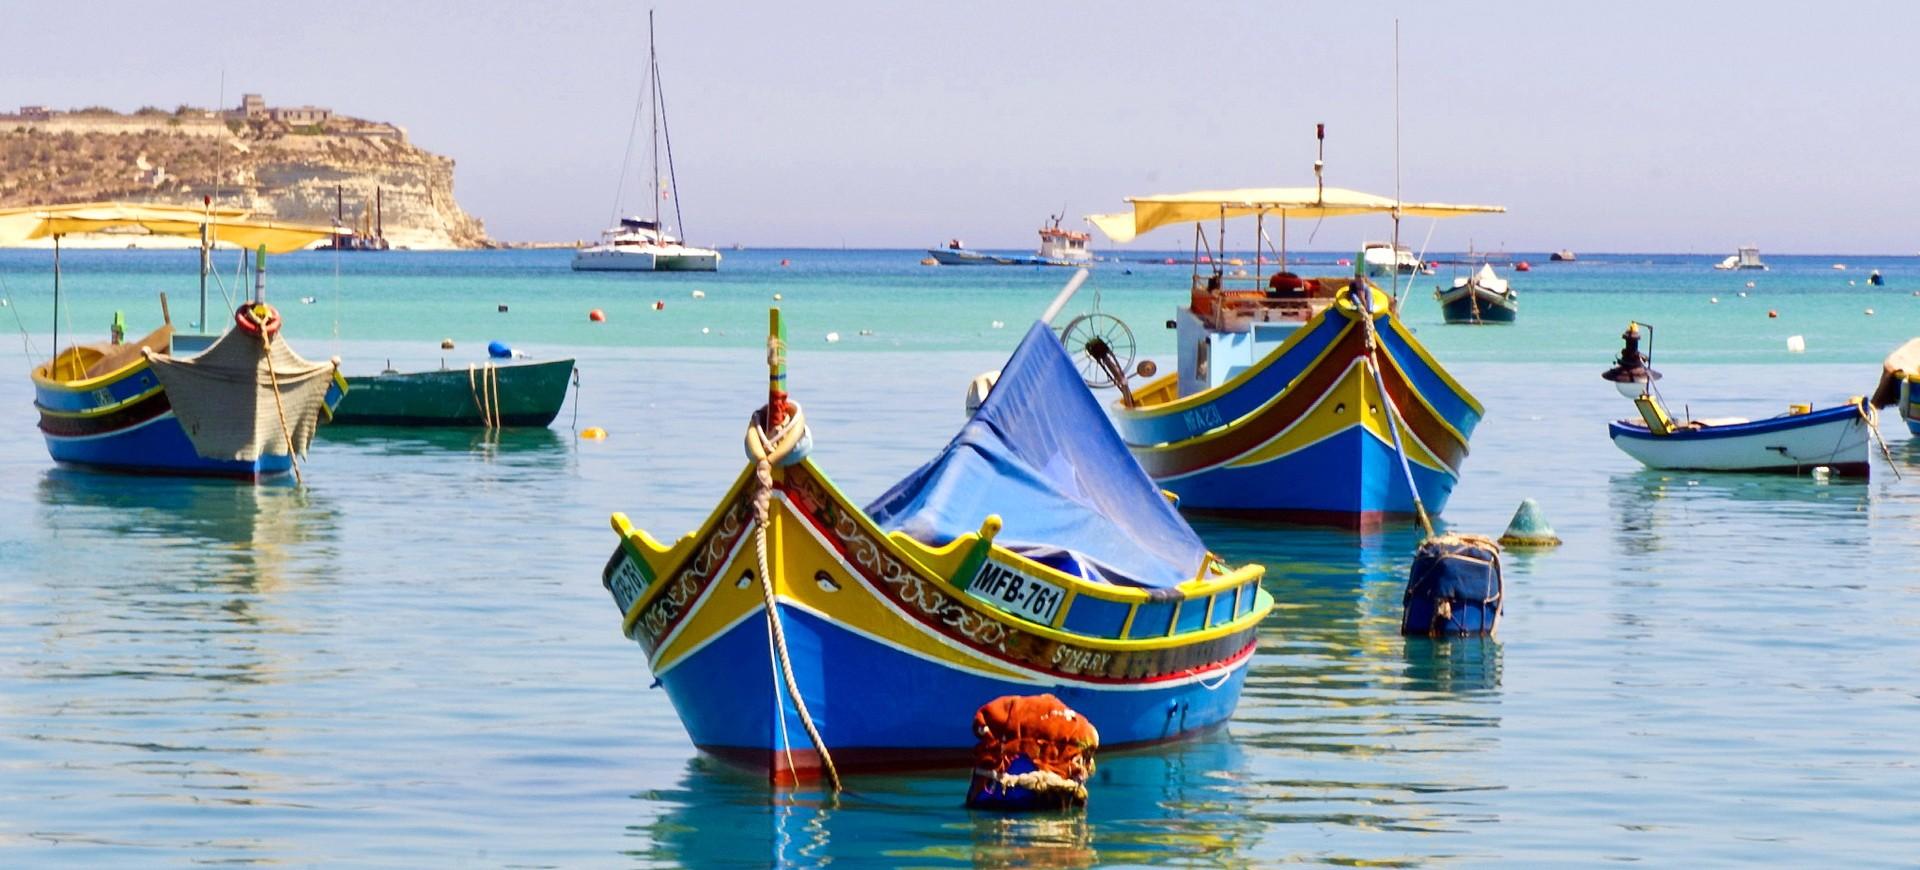 Malte La Vallette Les Bateaux traditionnels Maltaises Luzzu dans la Baie